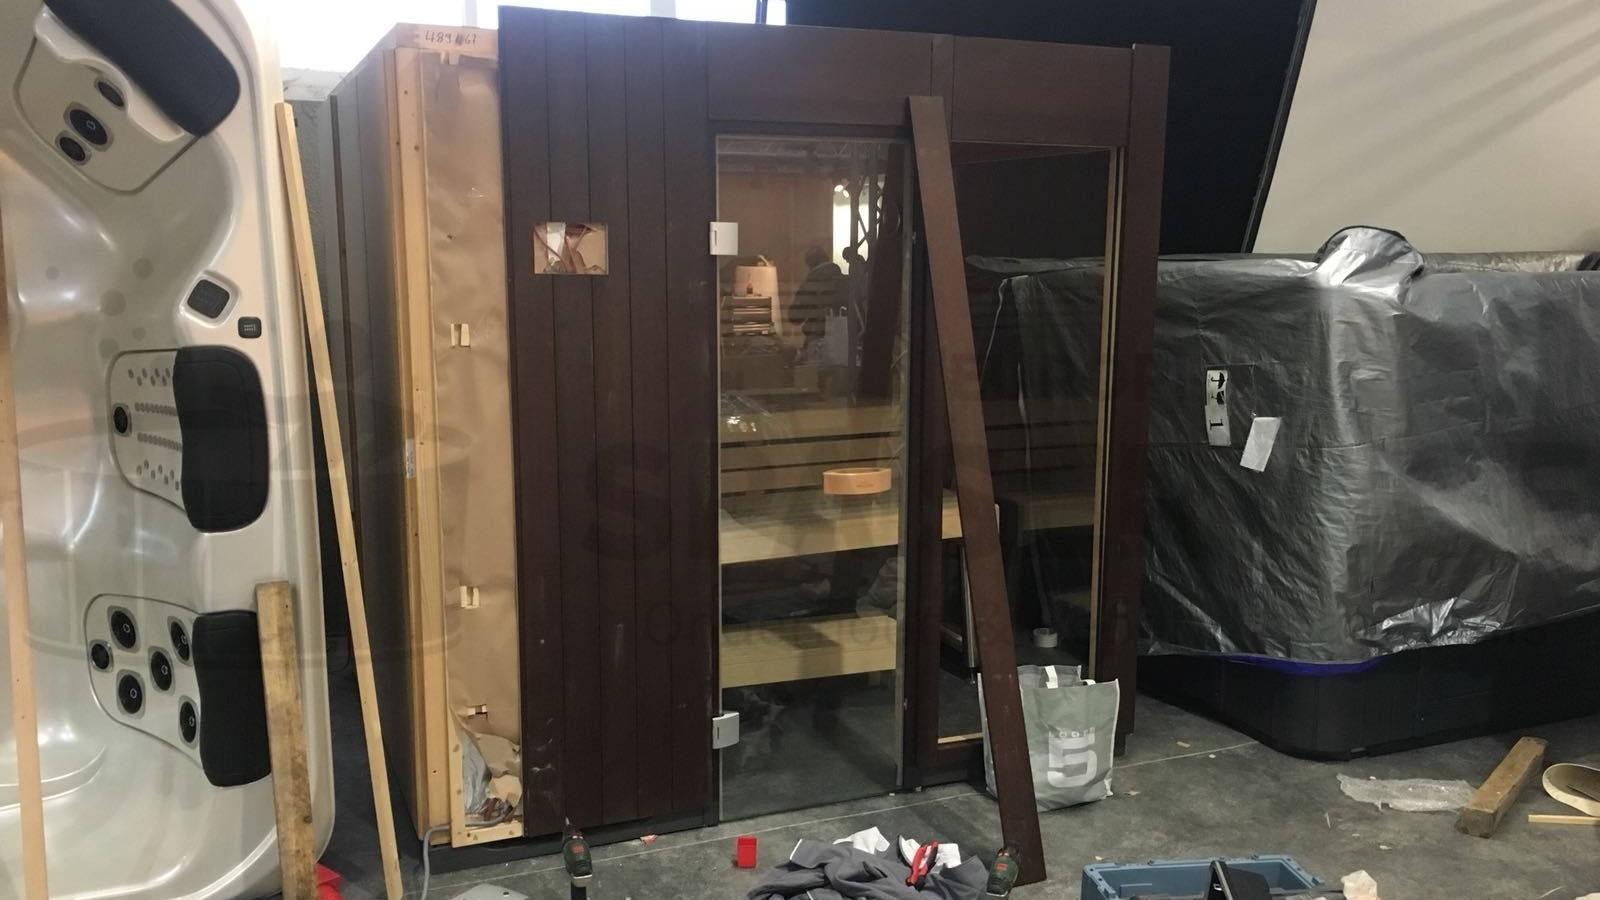 Opbouw Villeroy & Boch sauna en plaatsen diversen Villeroy & Boch spa's op Batibouw 2018 in België